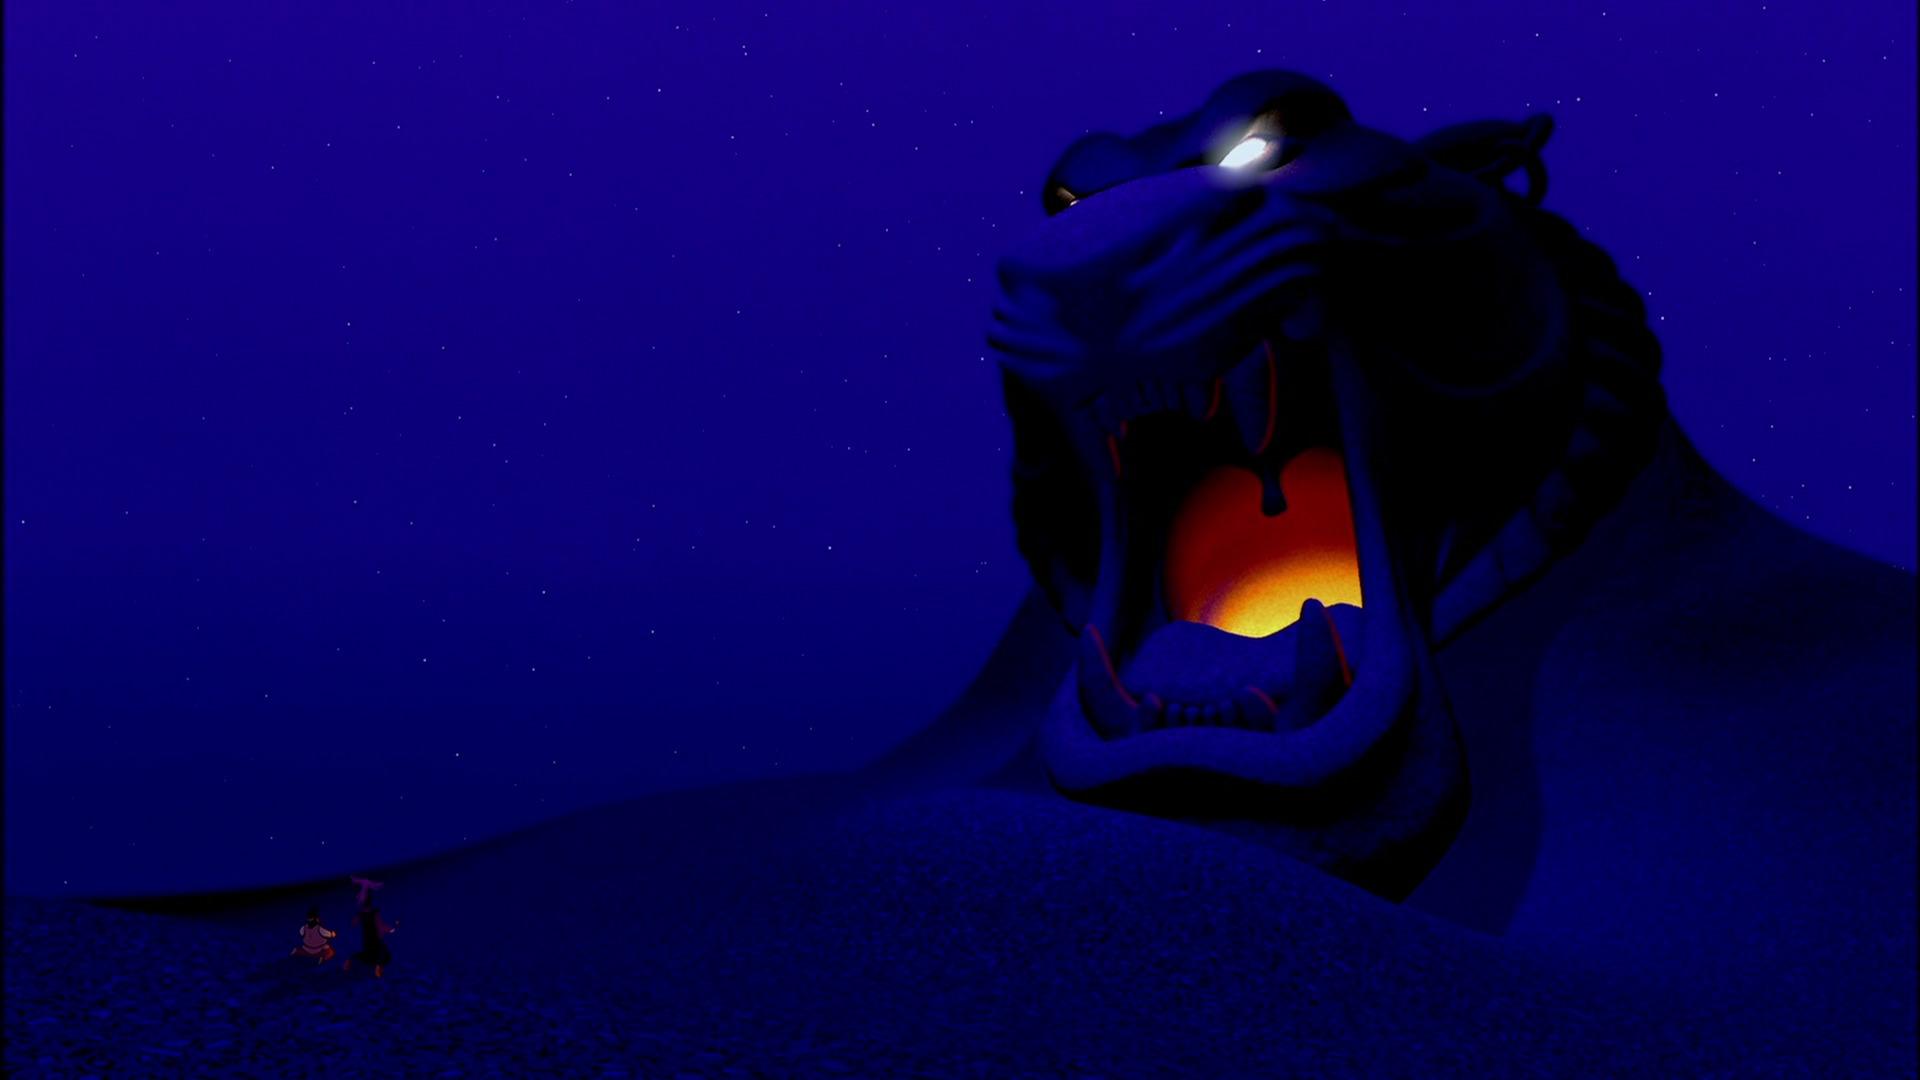 Aladdin-disneyscreencaps.com-370.jpg